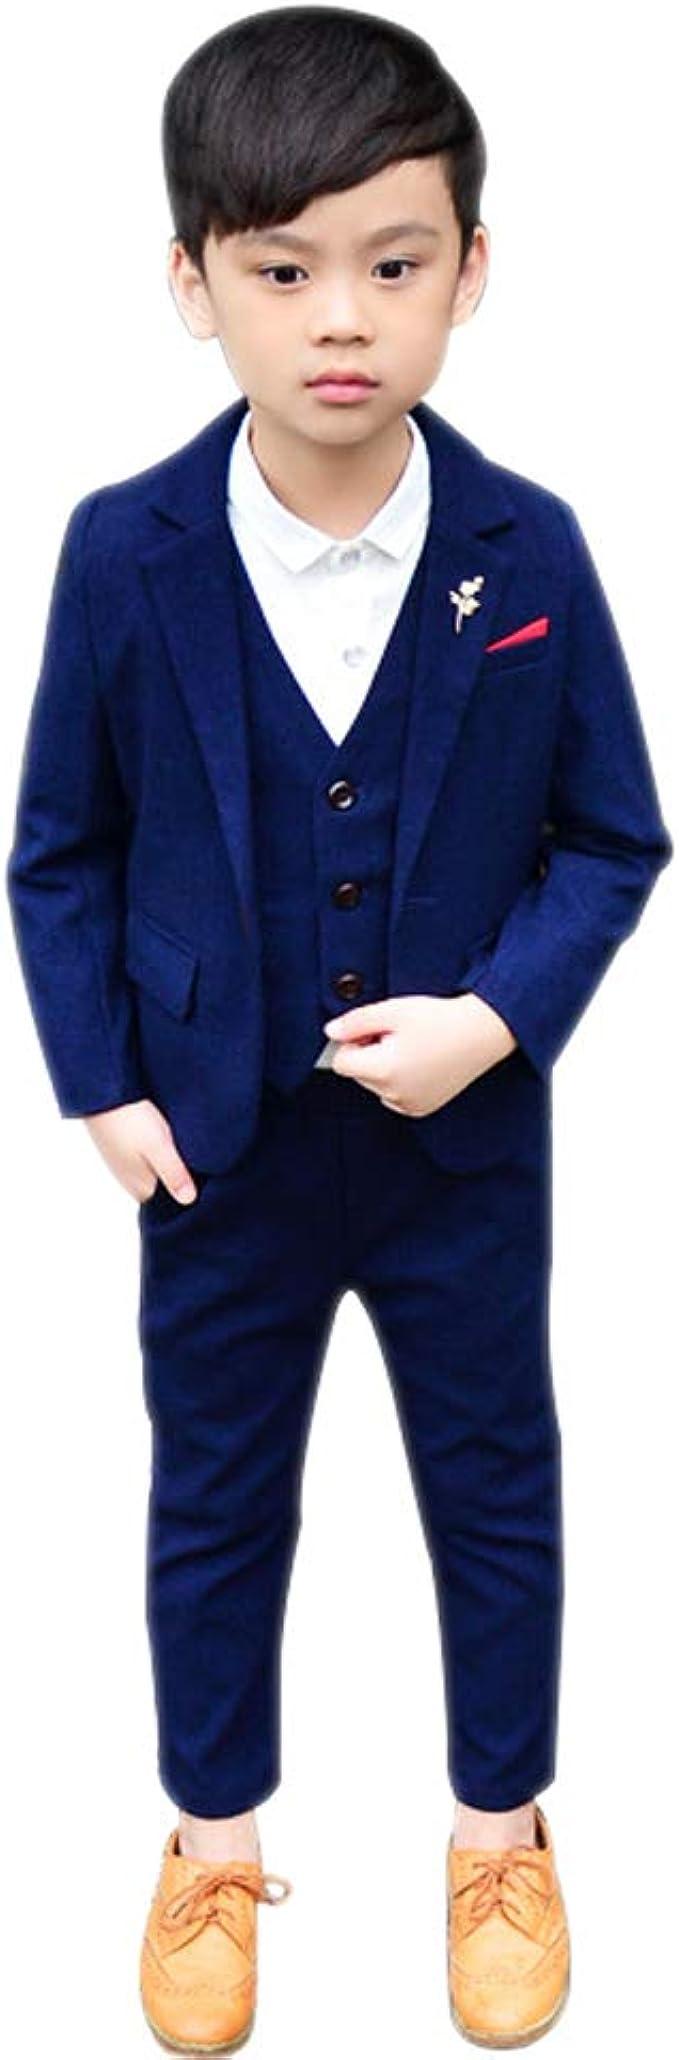 BOZEVON Kinder Jungen Anzug   Einfarbig Baumwolle Kinder ...